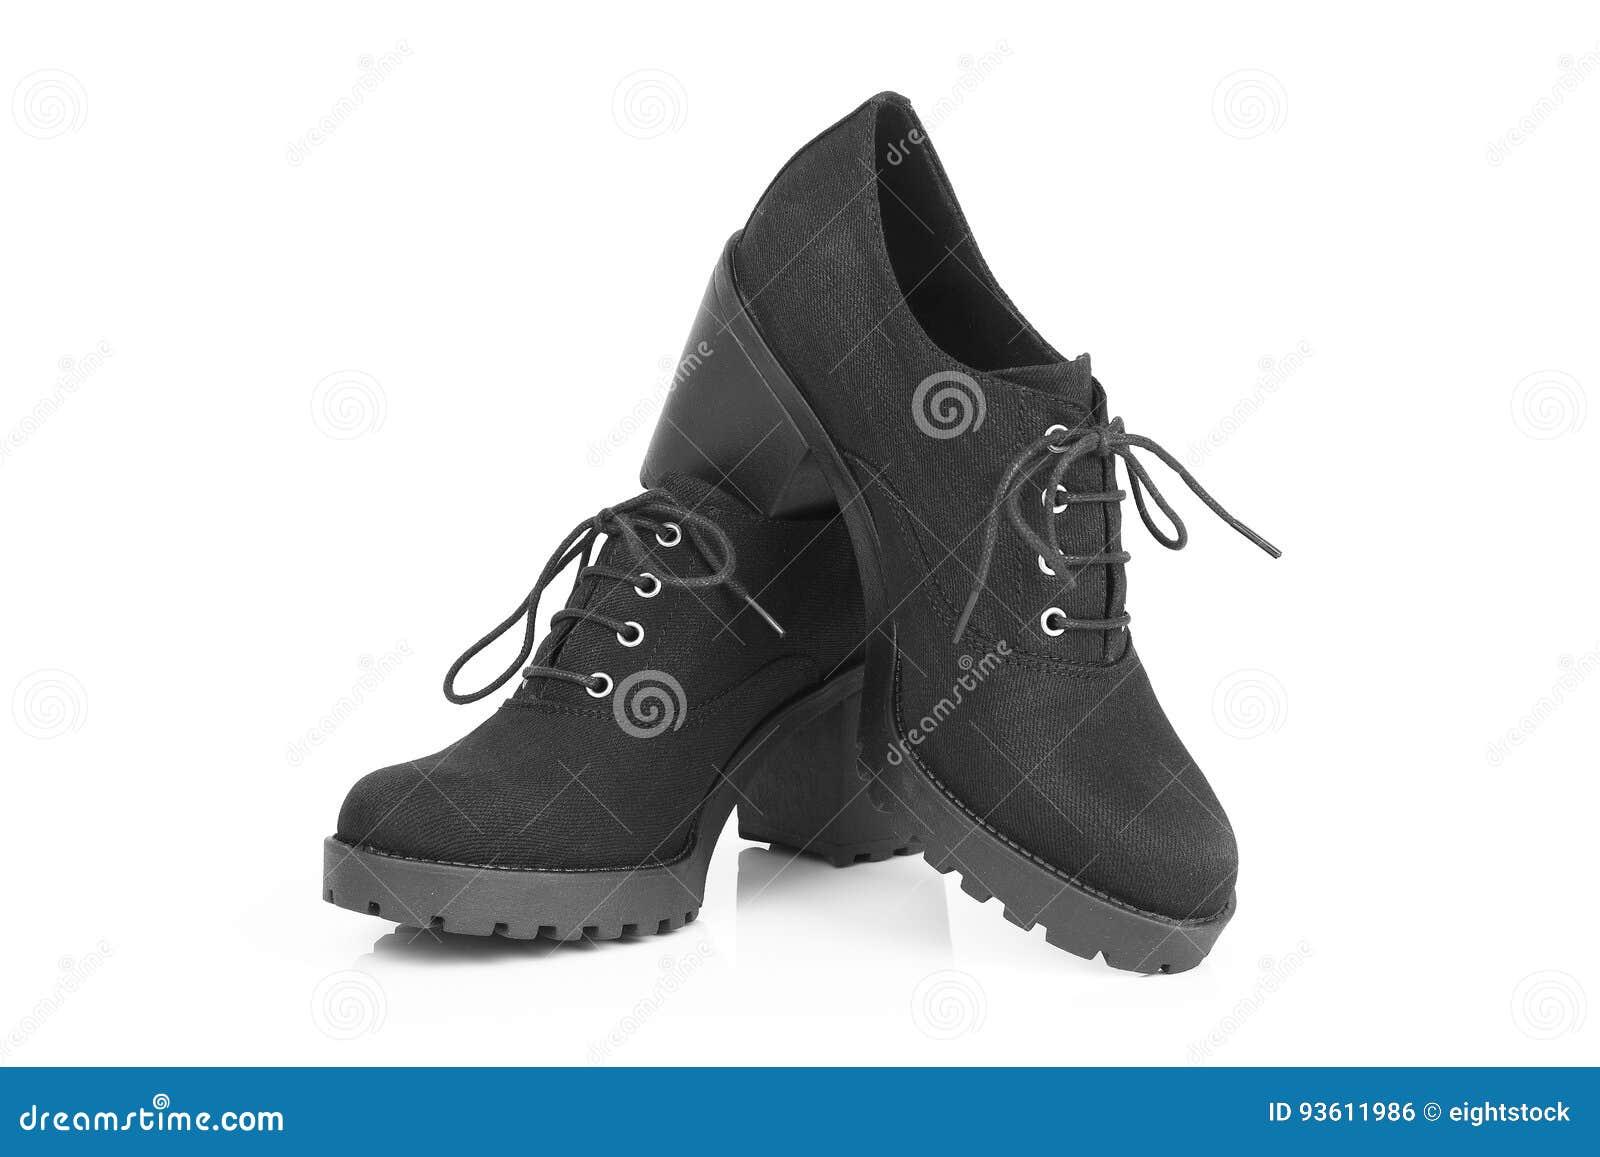 Hohem Absatz Schwarze Bild Auf Stiefel Von Stockfoto 0k8nNPZOwX